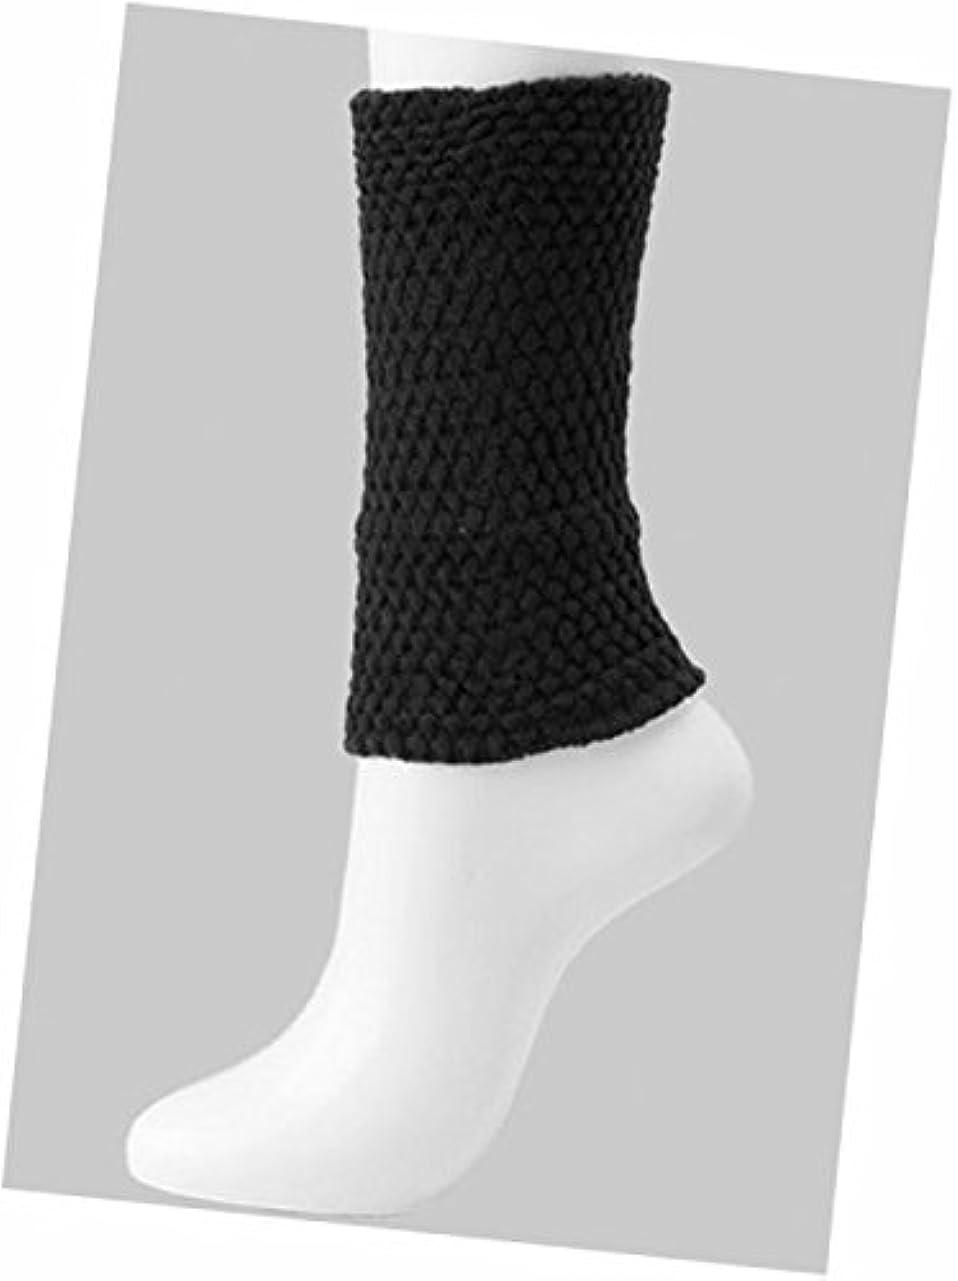 工場努力するキャロライン日本製 足首ウォーマー パイナップル2重編で暖かい 内側シルク 外側毛混 遠赤外線糸 20cm丈 (ブラック)